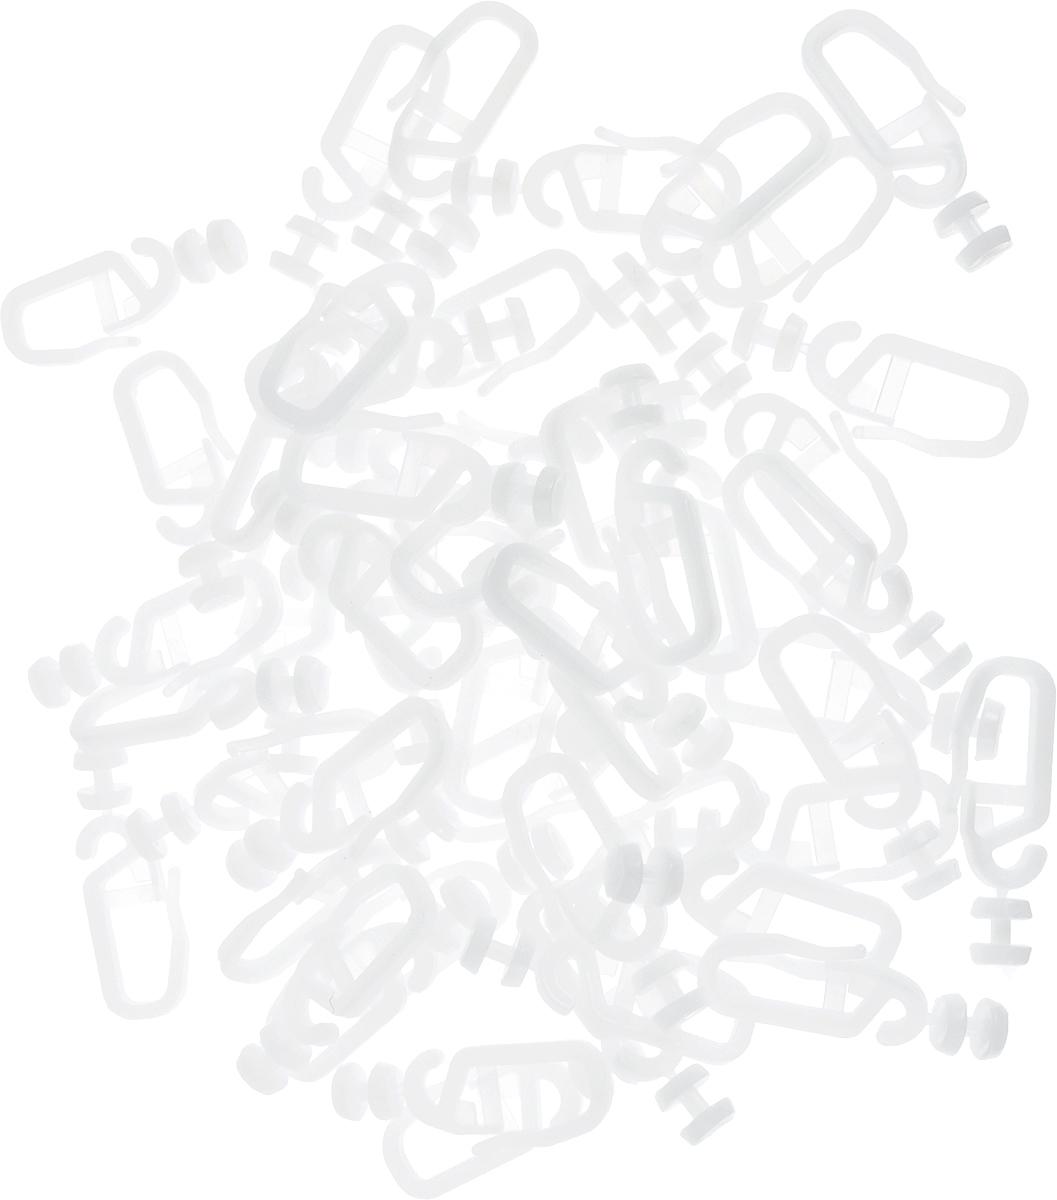 Крючок роликовый Эскар, 50 штRC-100BPCРоликовые крючки Эскар, выполненные из пластика, закрепления штор на карнизе. Ролик свободно поворачивается в шине даже под тяжестью шторы и тем самым обеспечивает легкое и бесшумное перемещение. Комплектация: 50 шт.Длина крючка: 3,7 см.